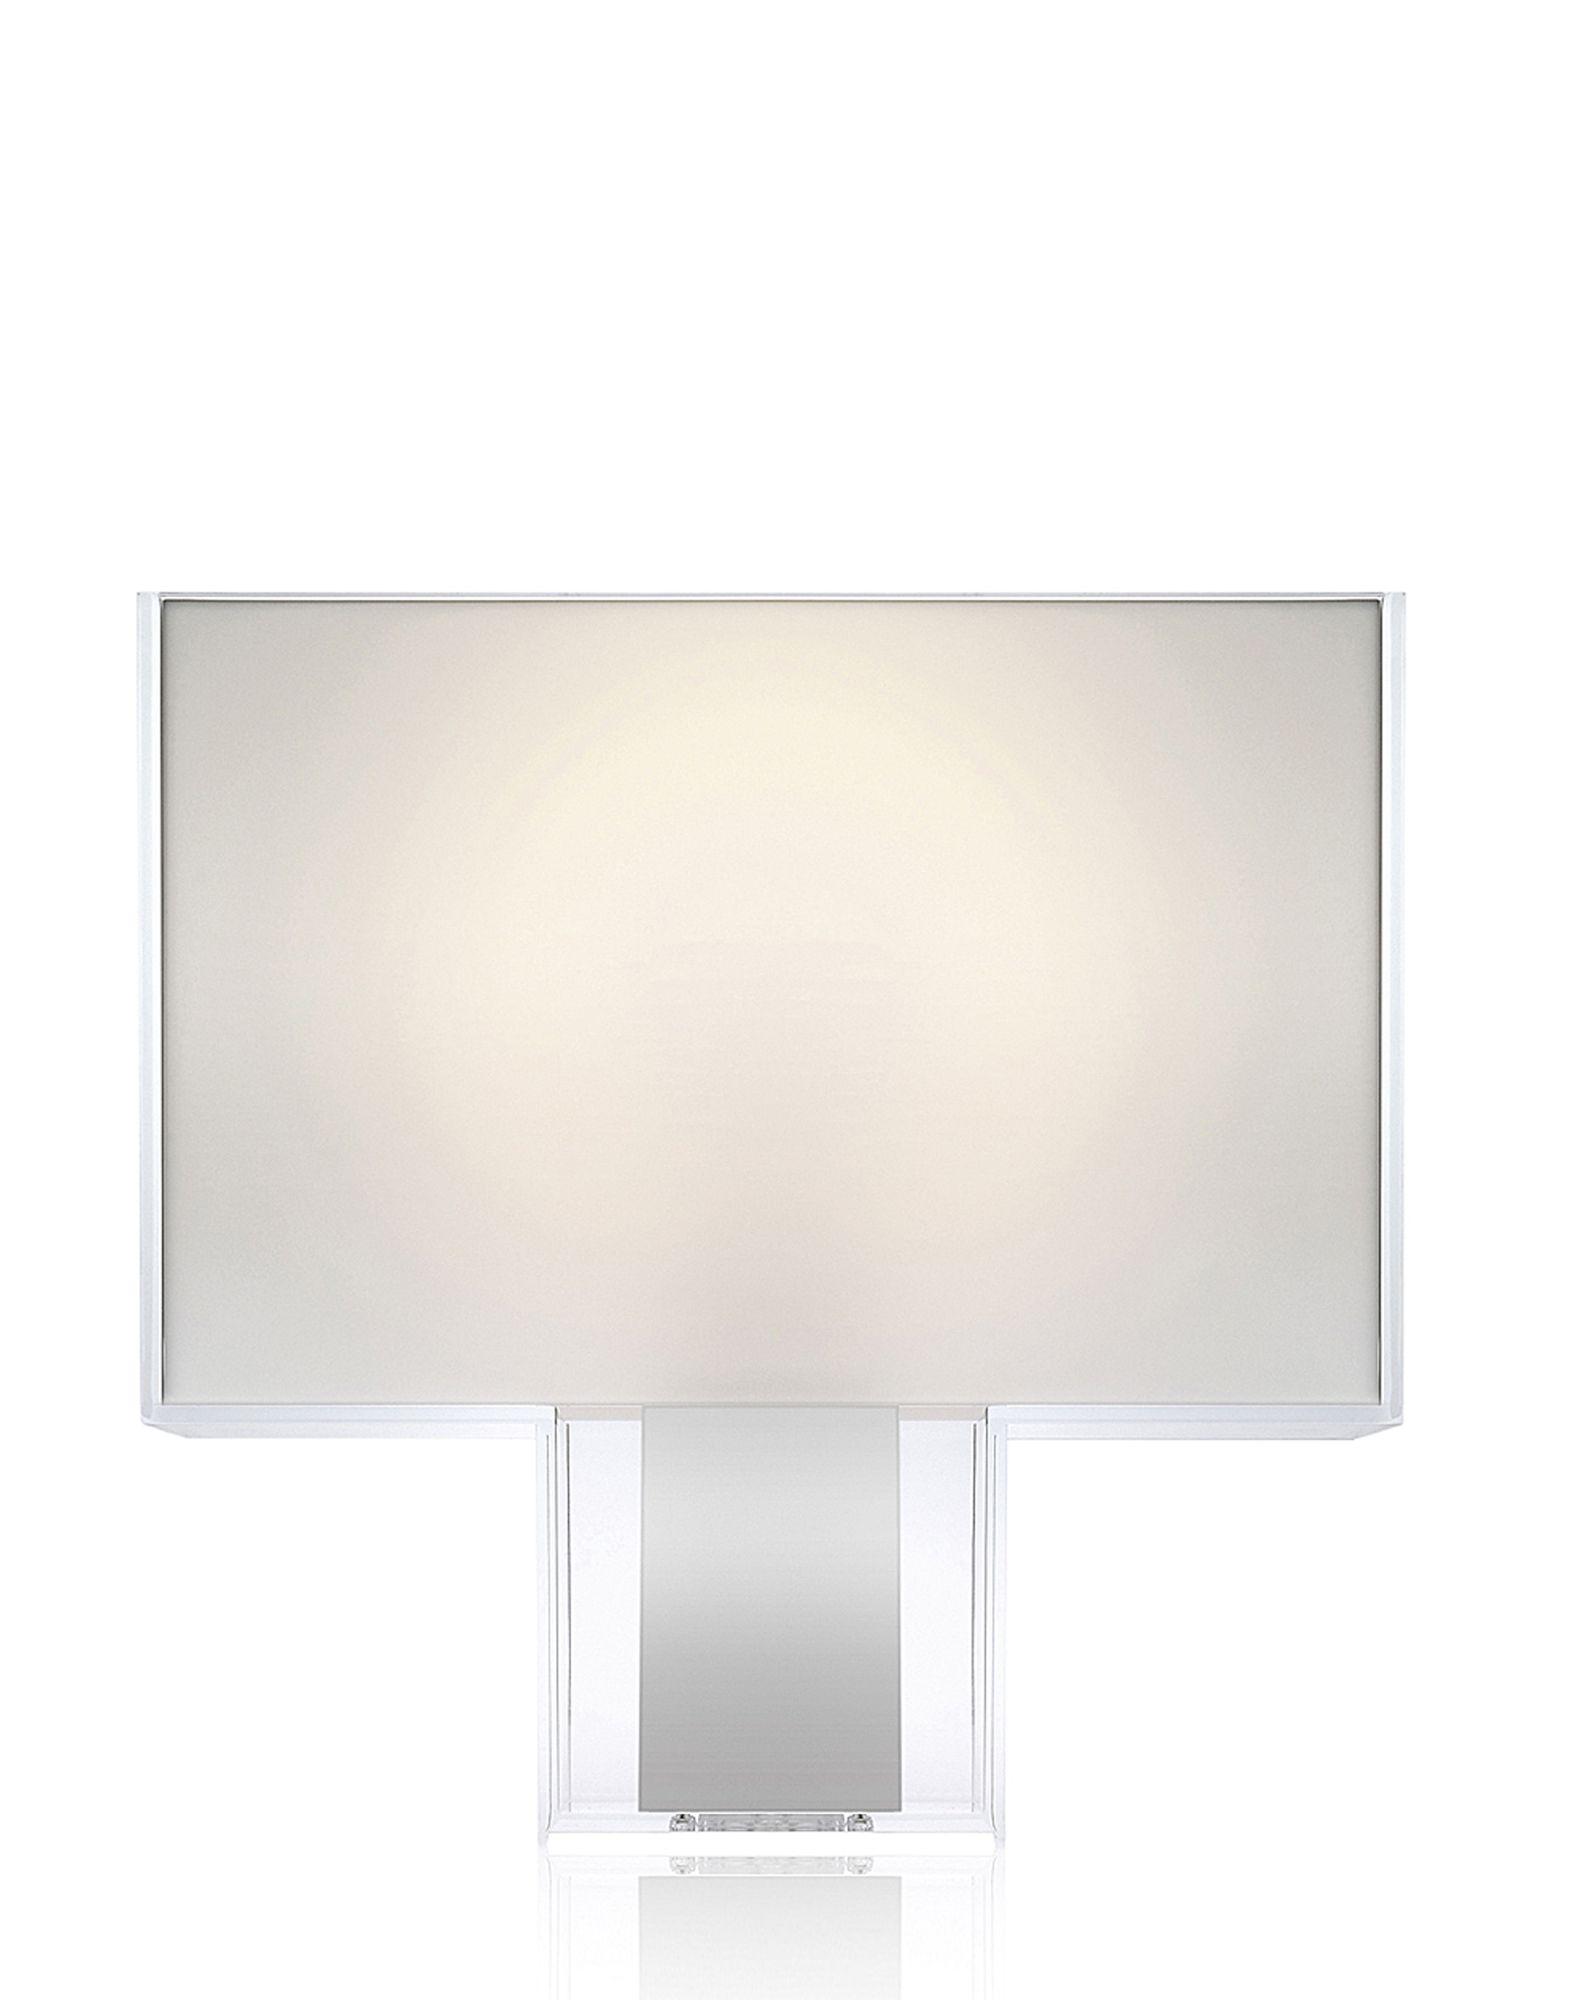 Kartell lampada da tavolo 9150 tati bianco newformsdesign - Lampade kartell da tavolo ...